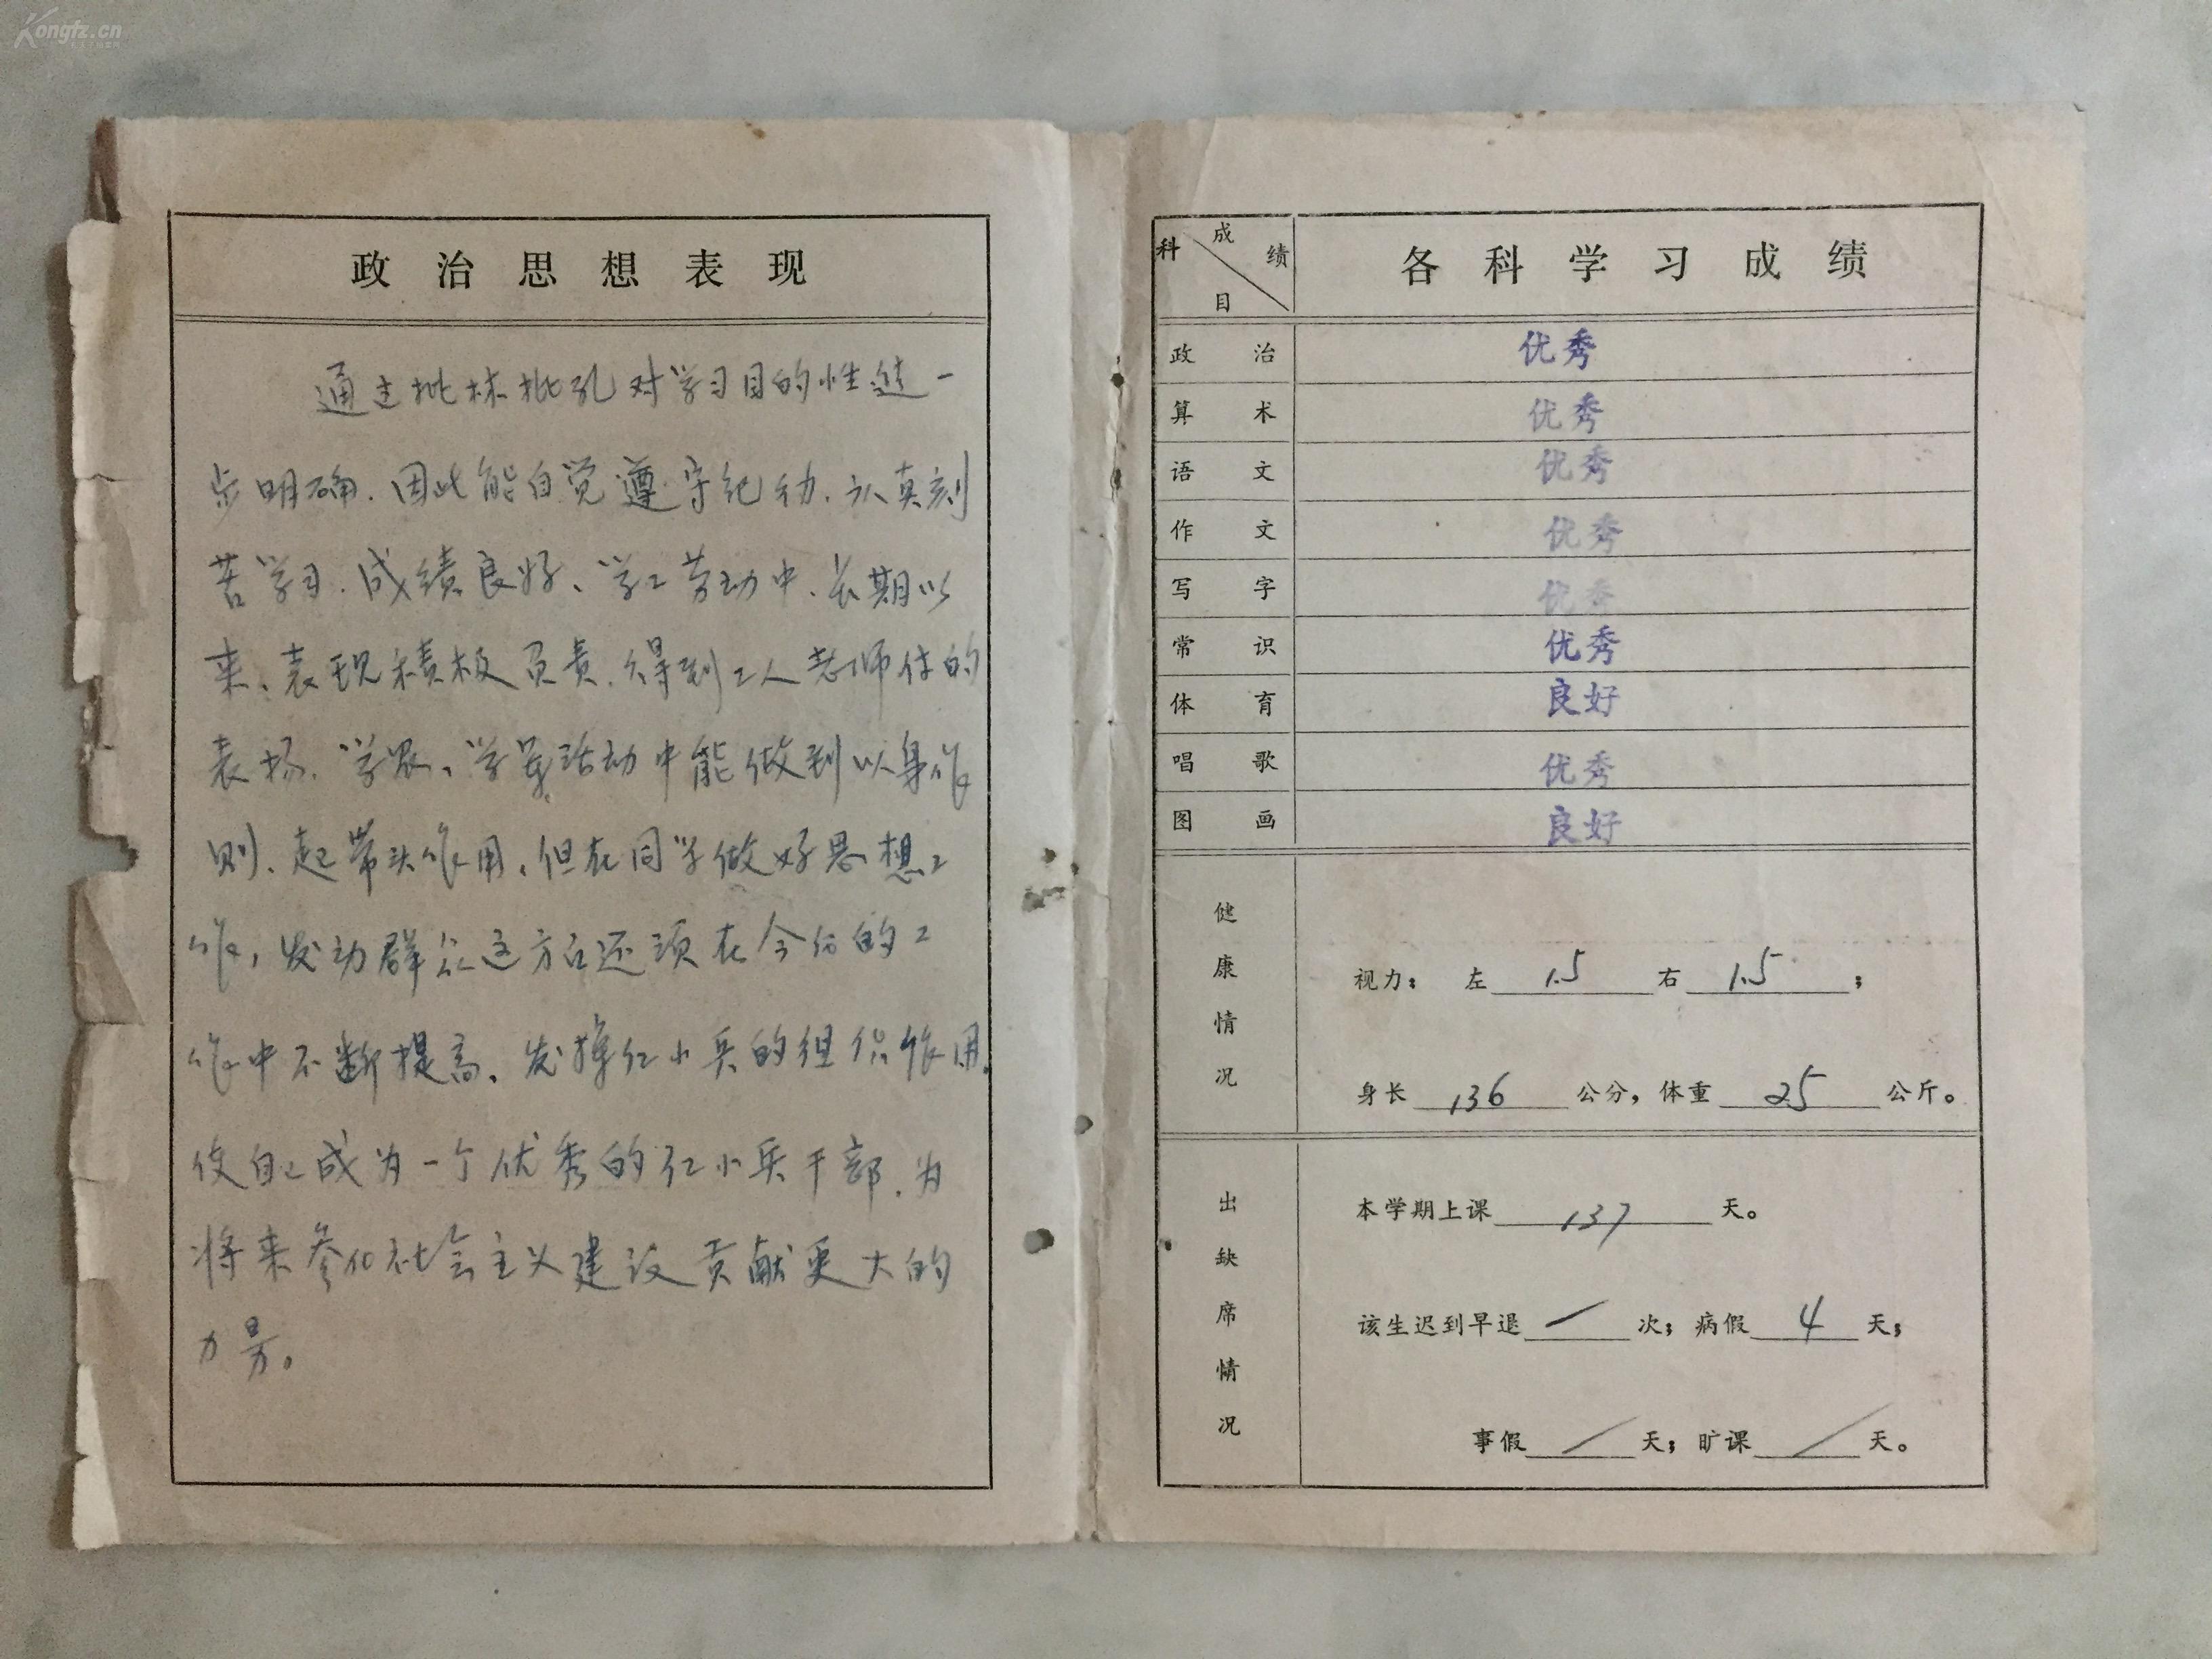 1974年苏州录葭巷语录一学年带毛小学语言《v语录小学主席教案图片